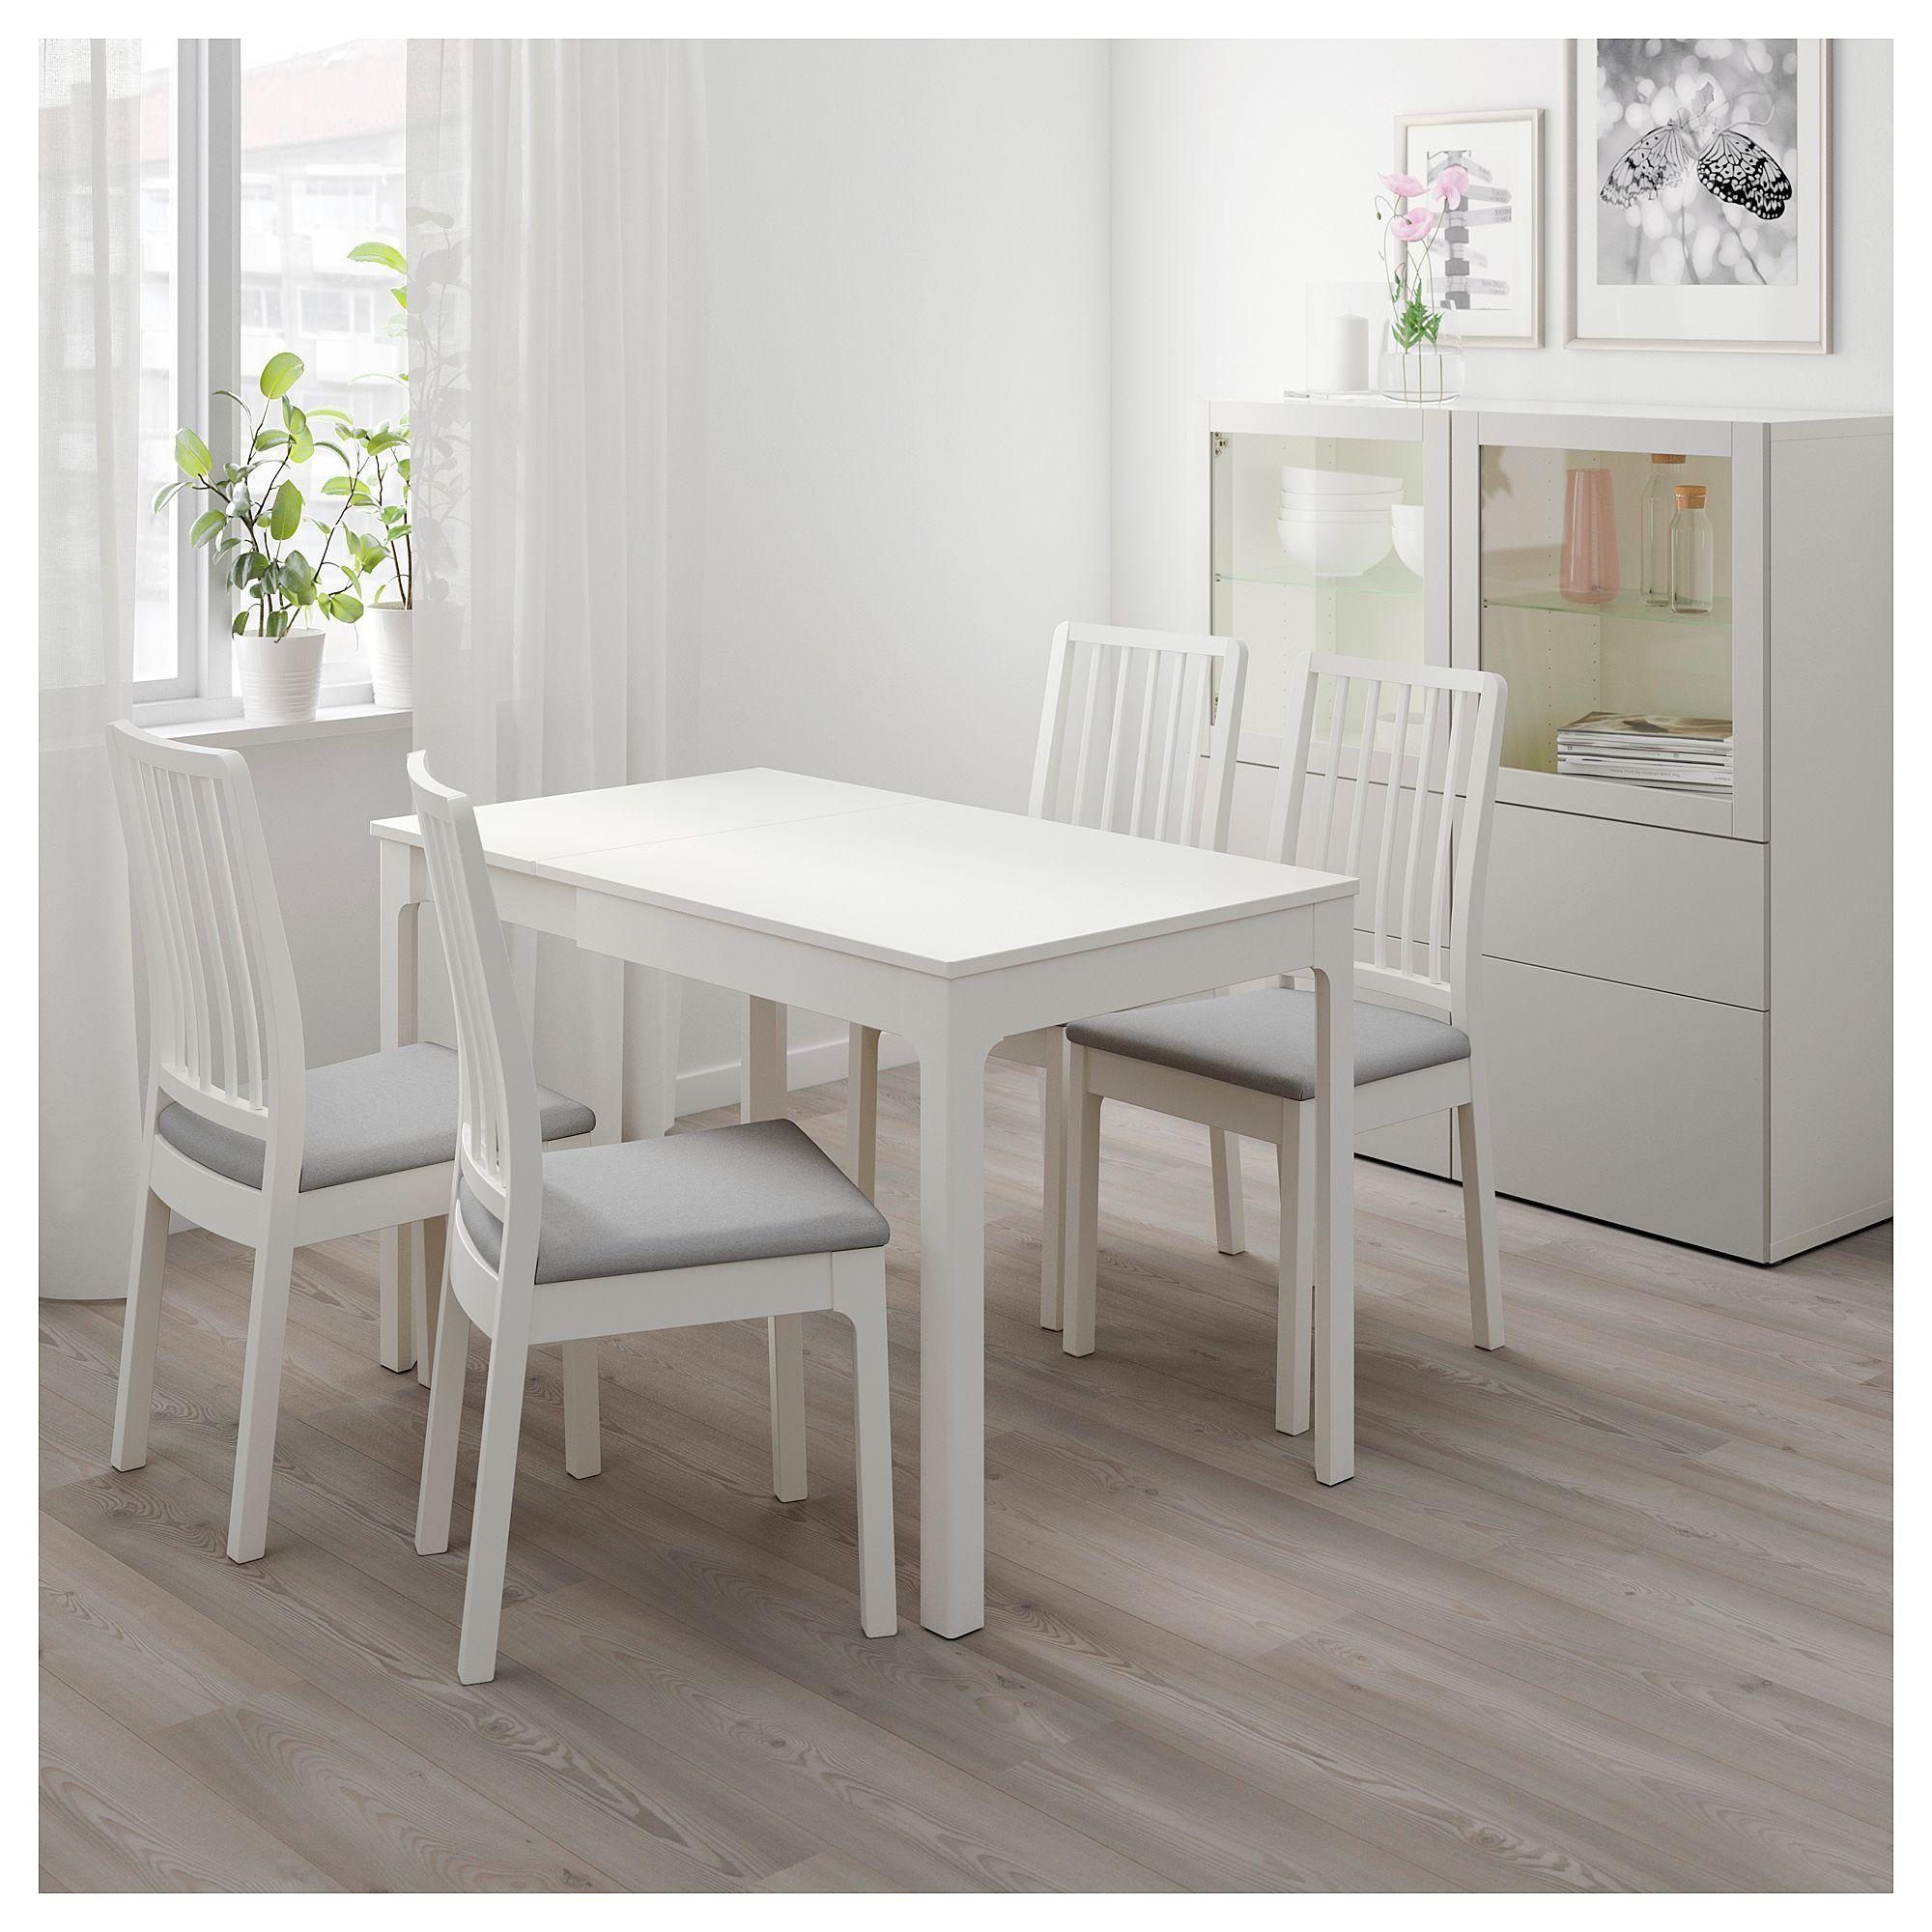 ekedalen tisch und 2 stuhle weiss orrsta hellgrau